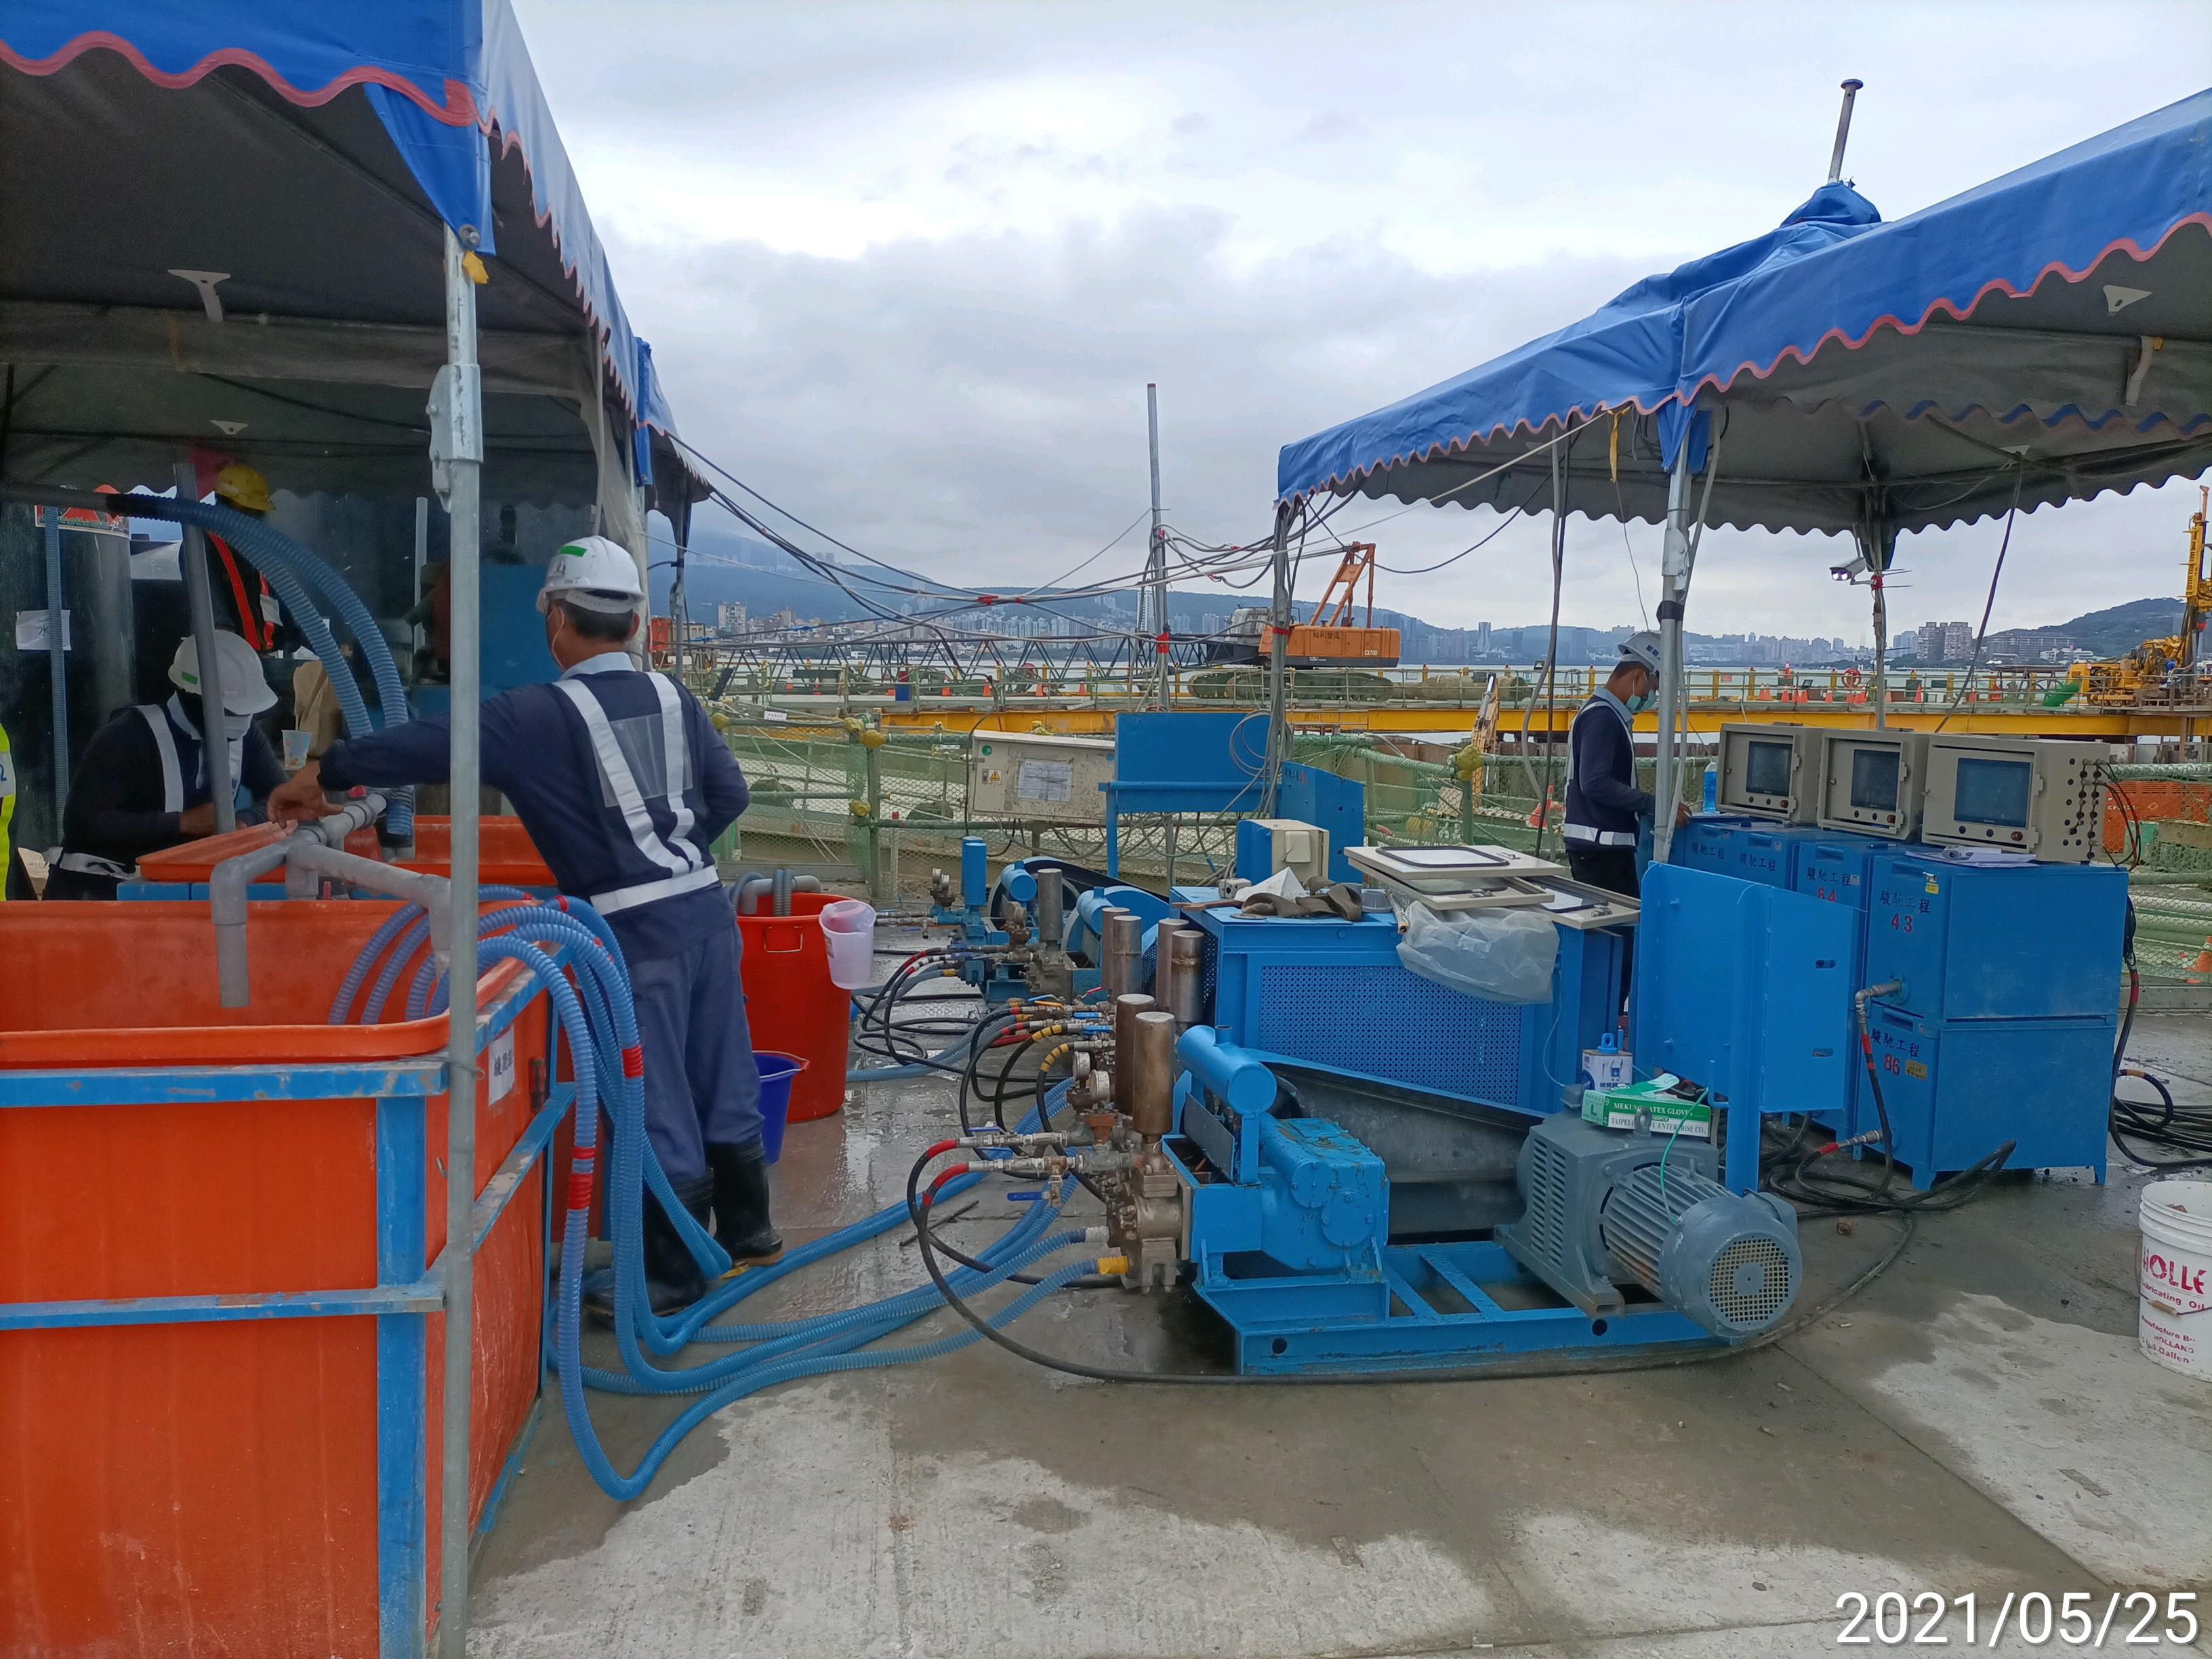 河中段鋼管鈑樁圍堰內之雙環塞低壓灌漿工程.